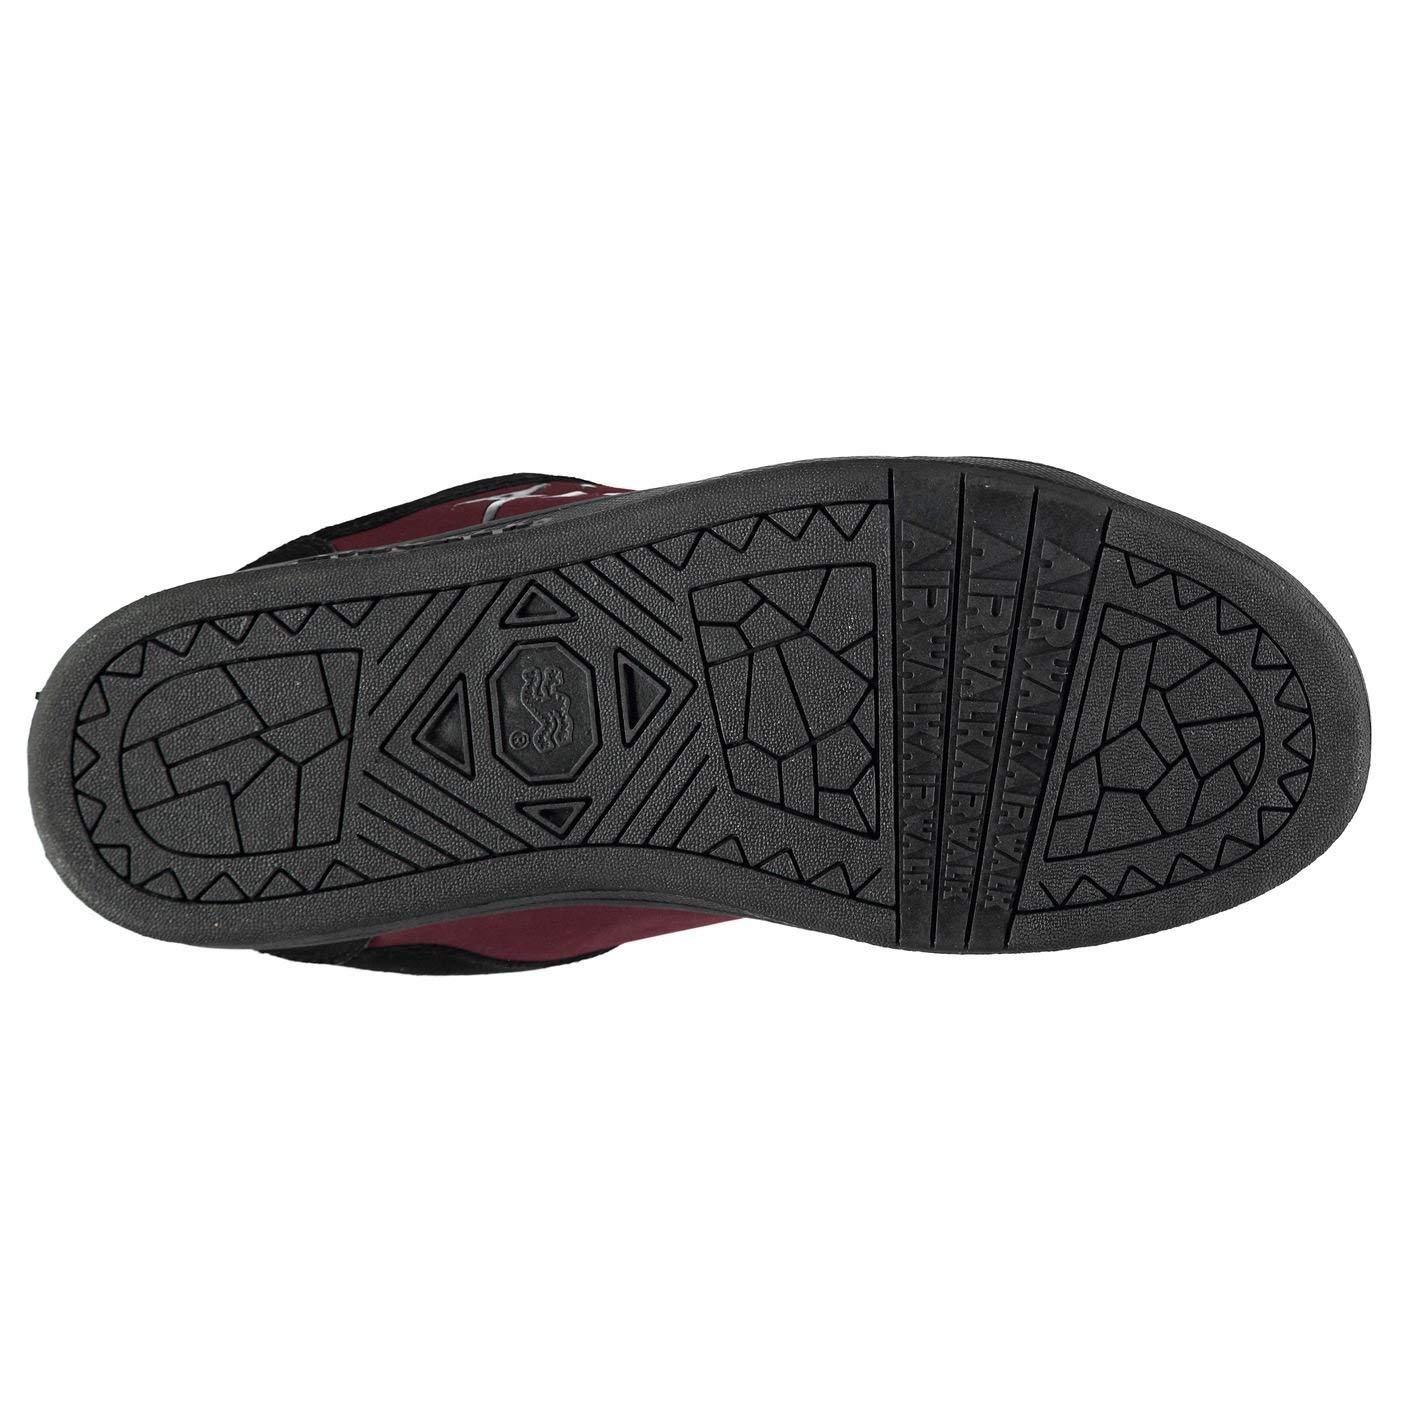 Original Shoes Airwalk Neptune Scarpe da Skate Bordeaux da Uomo Skate Scarpe da Ginnastica